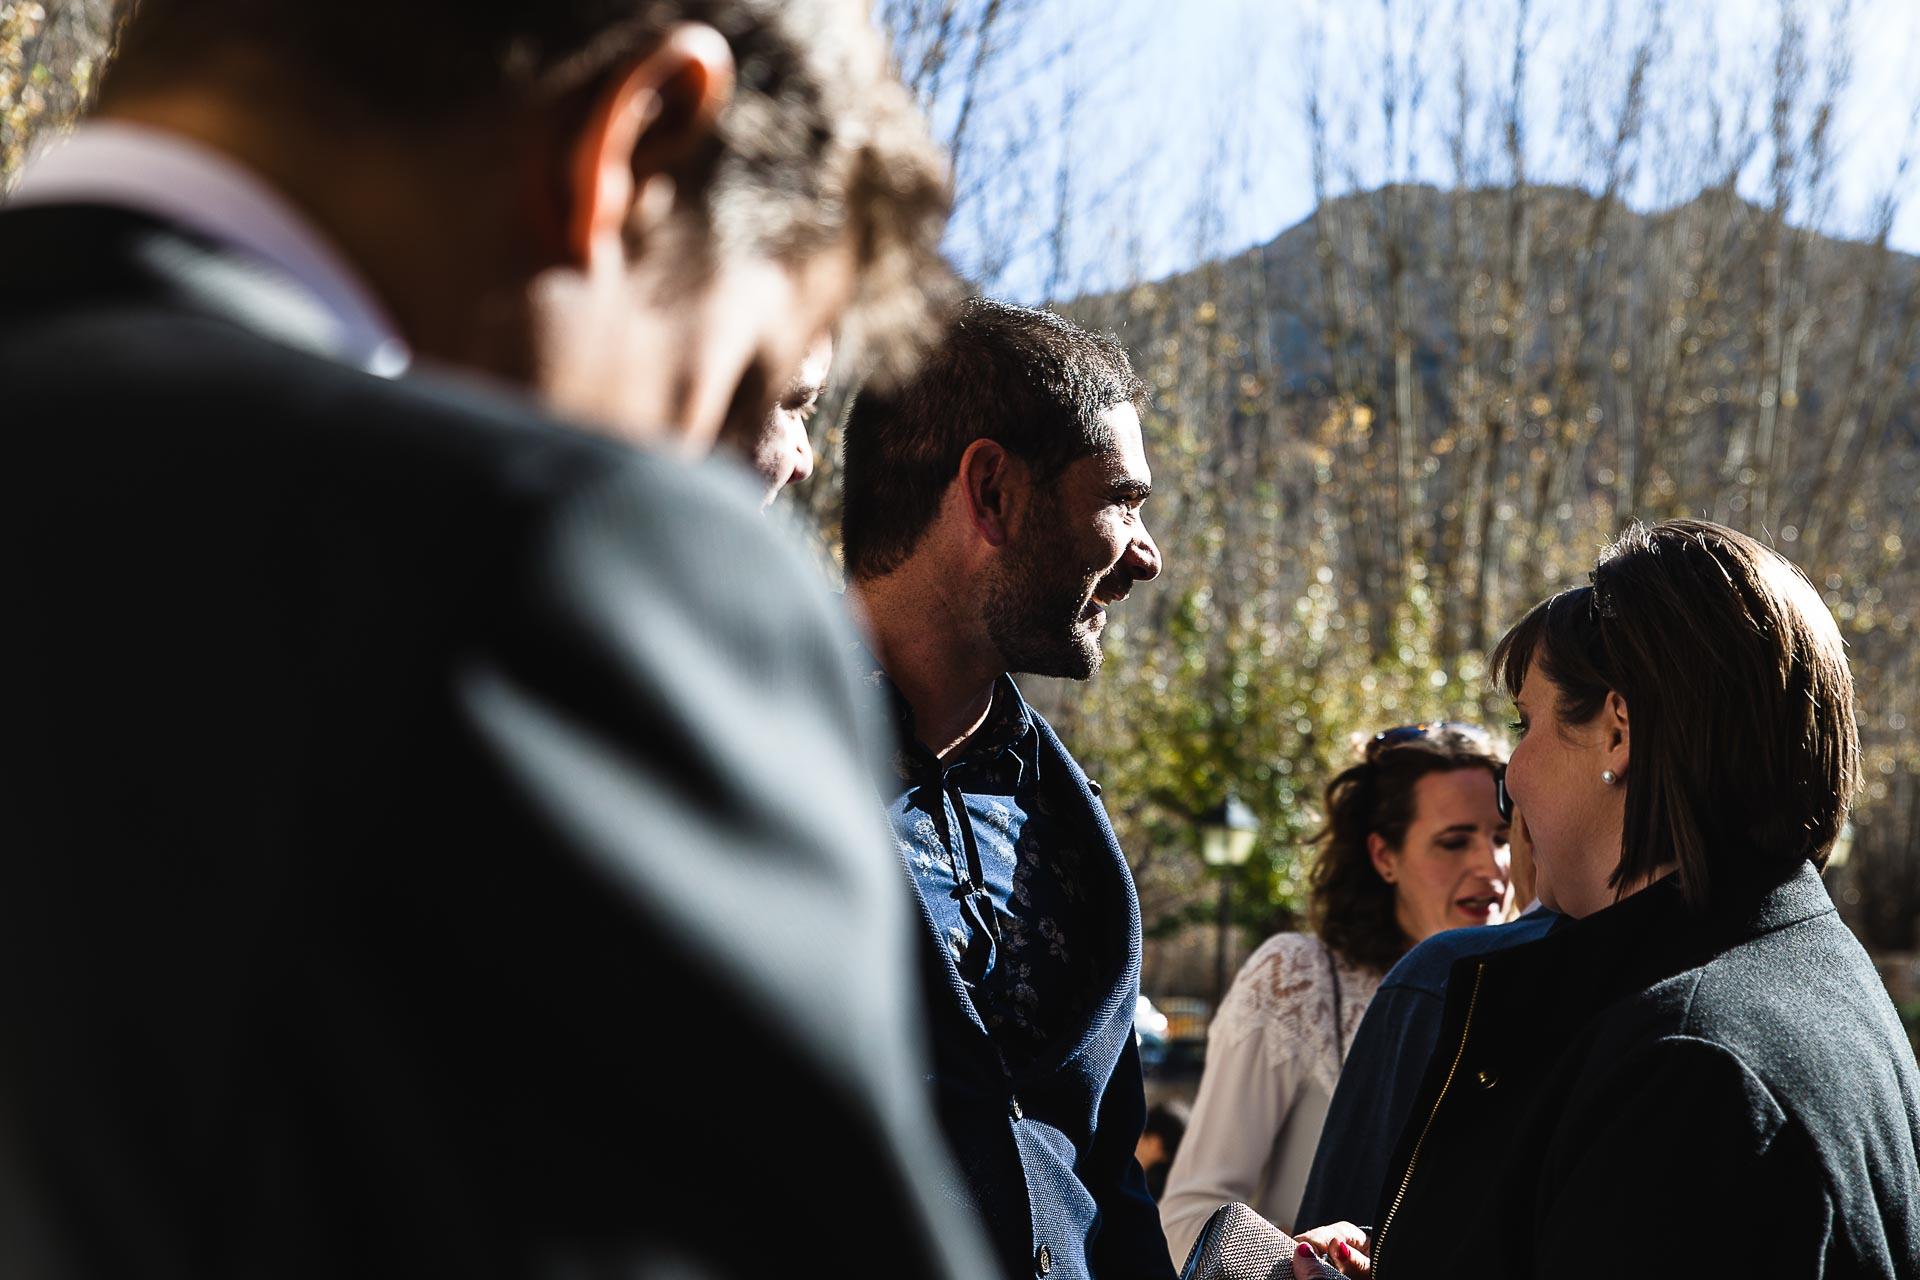 Boda en el Molino Alto, Aliaga, Teruel saludos gente